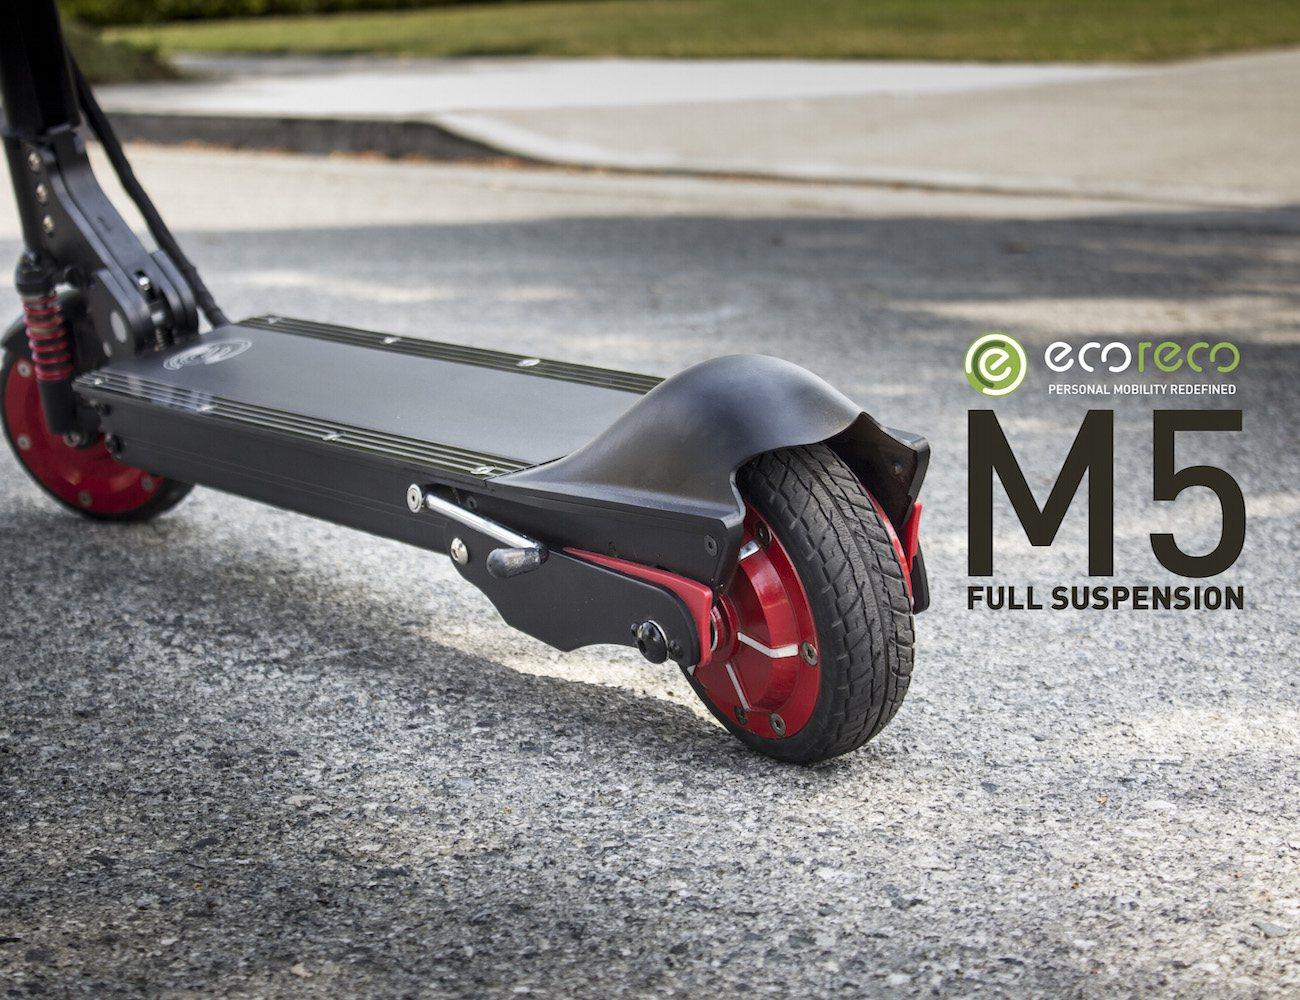 ecoreco-m5-e-scooter-01